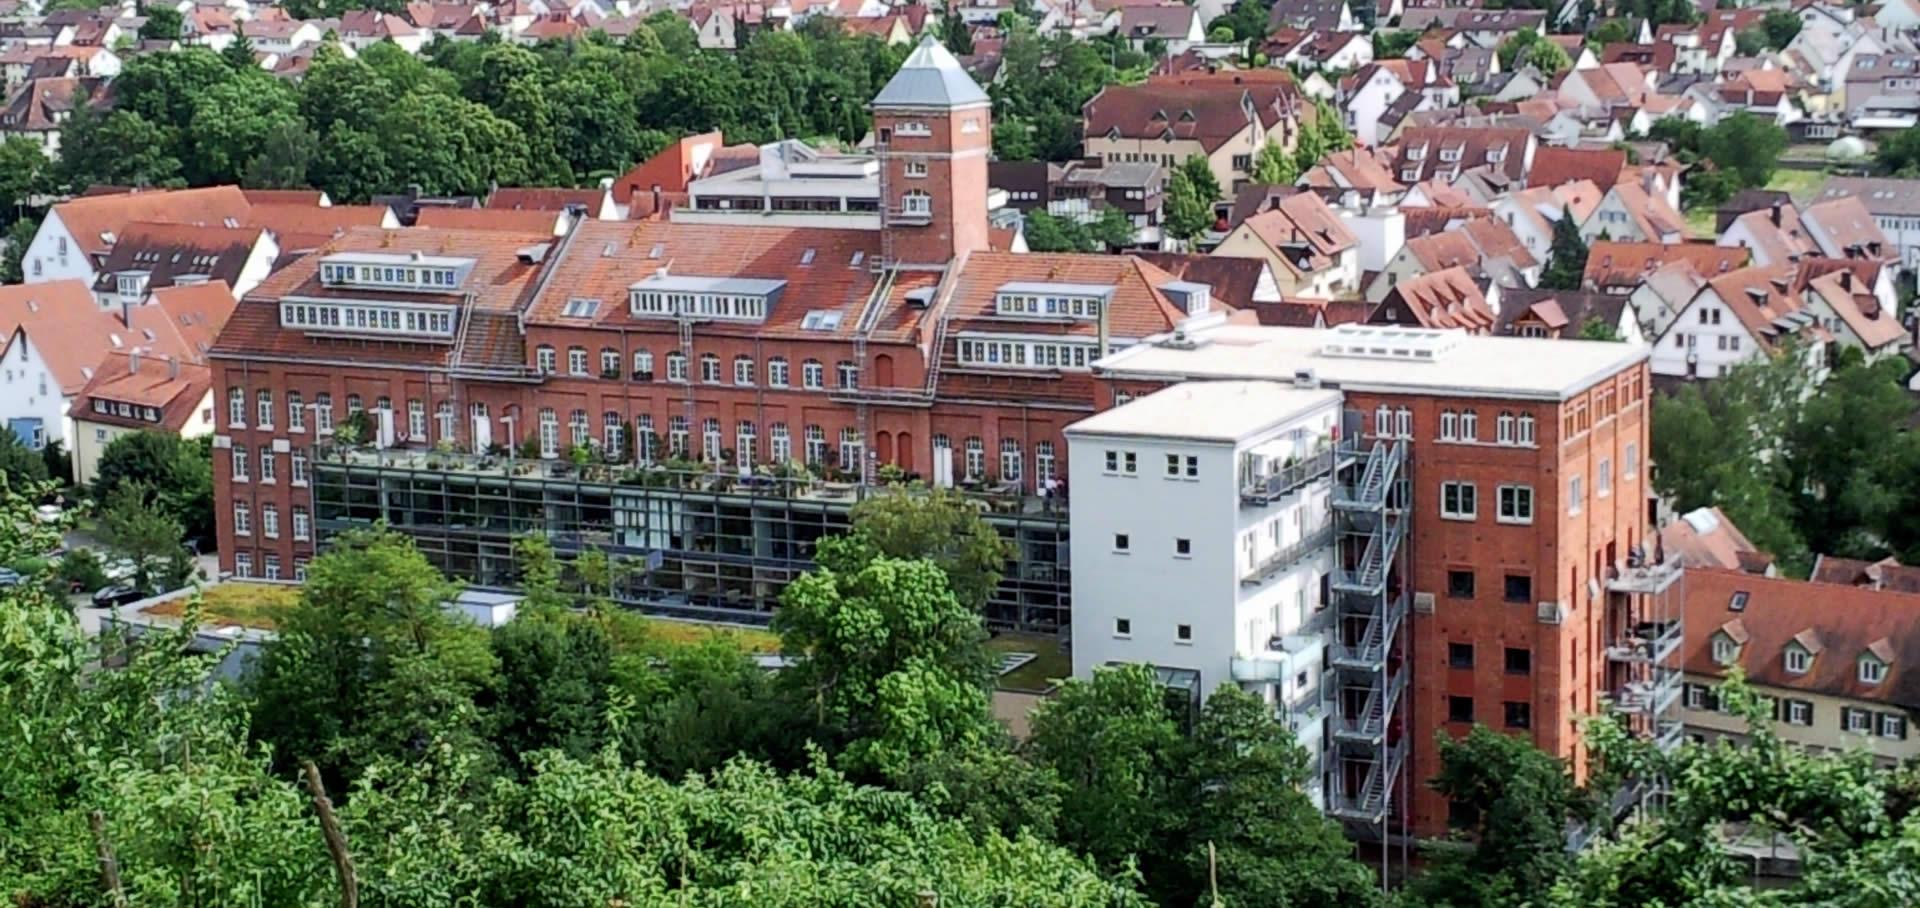 Rommelmühle Bietigheim-Bissingen